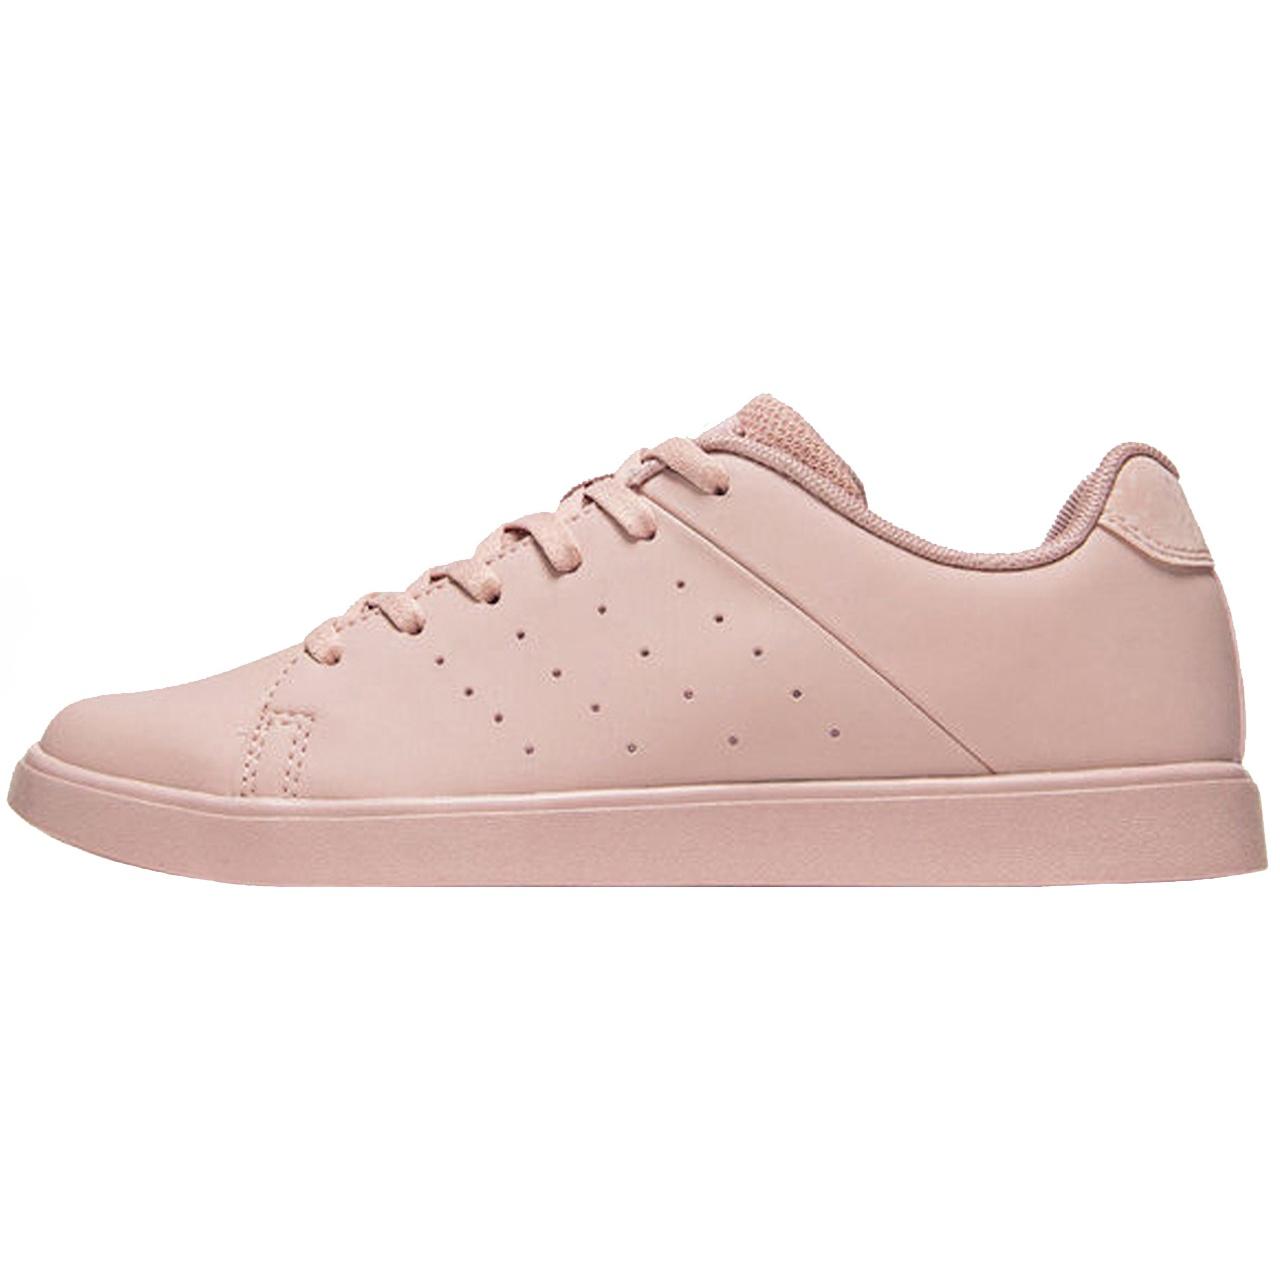 کفش راحتی زنانه 361 درجه کد 681836603